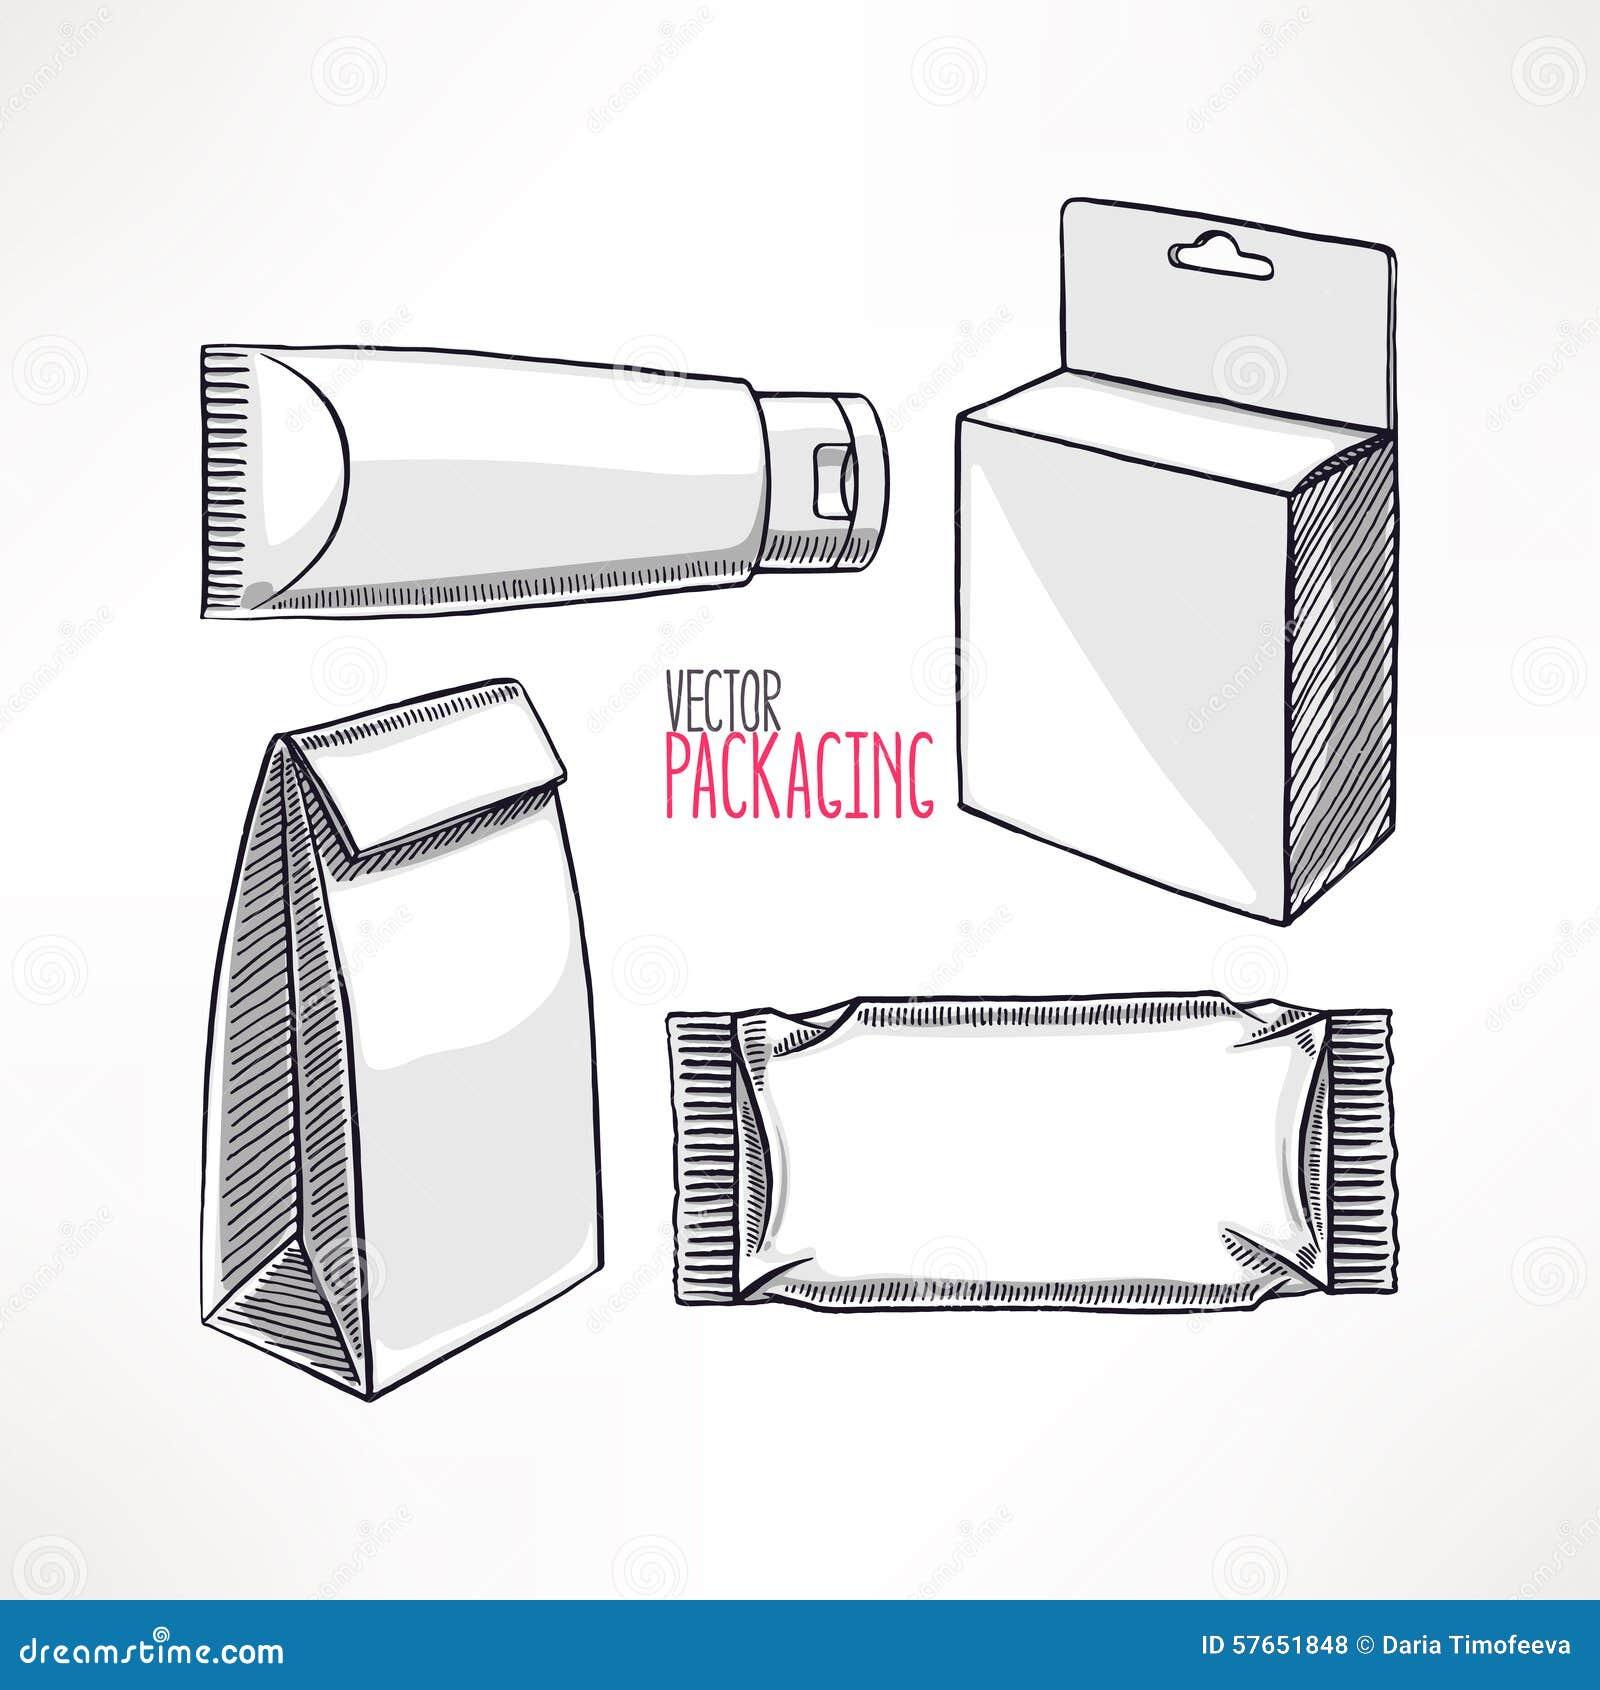 包装的四种不同类型